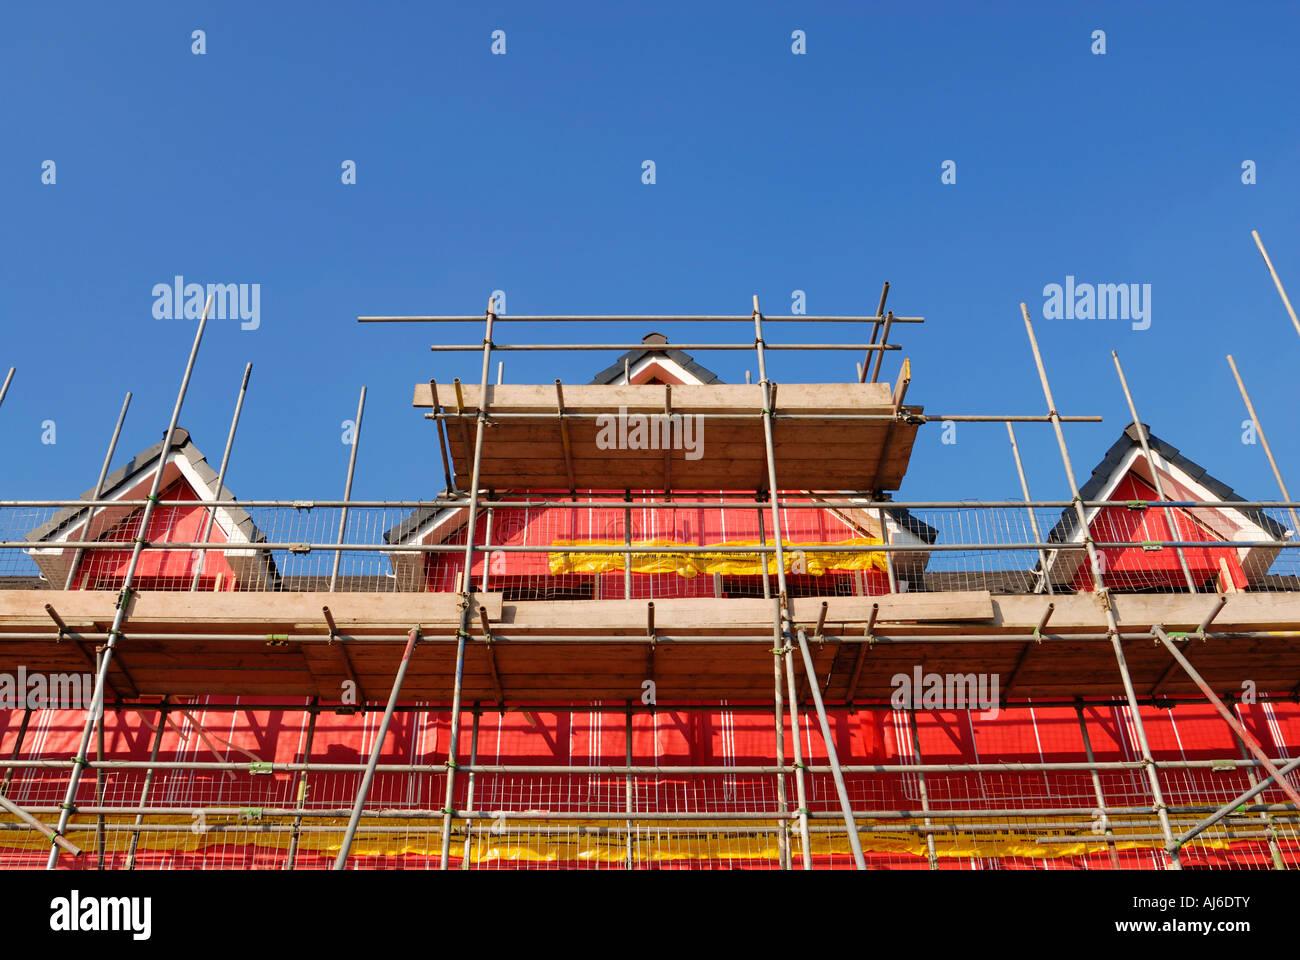 Neue Umwelt freundlich Wohngebäude zeigt das rosa Hohlraum Isolationsmaterial für den Bau verwendet. Stockfoto